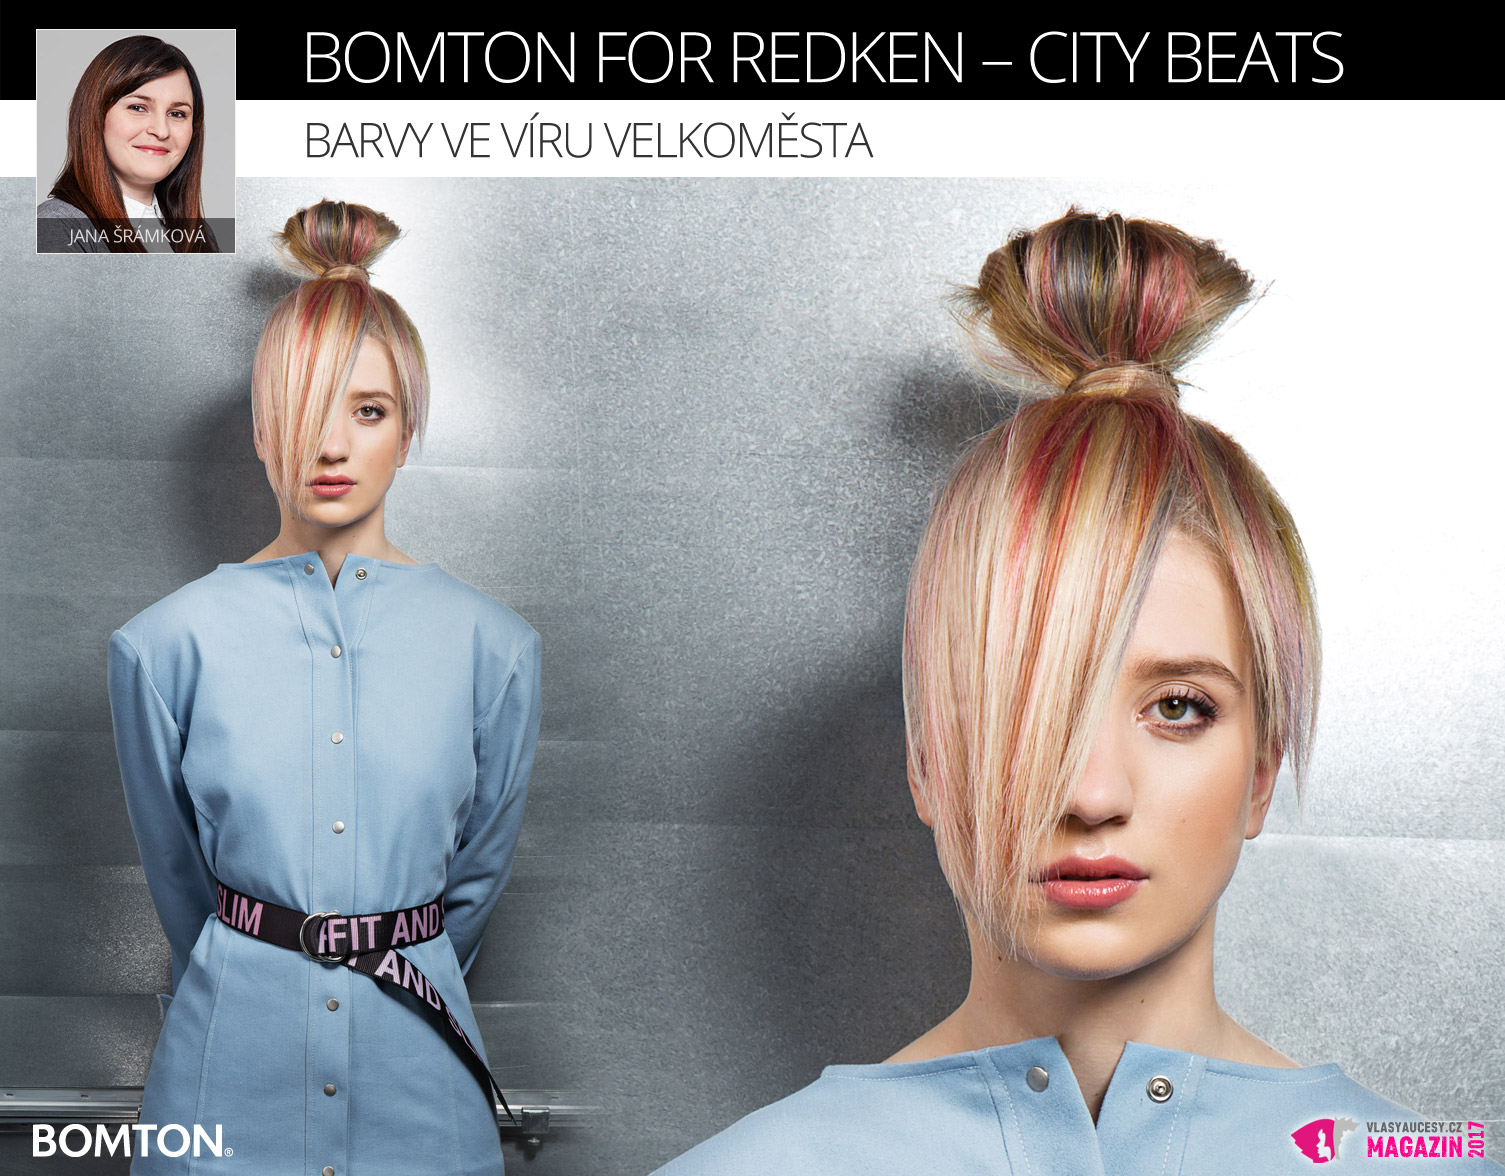 Účes Jany Šrámkové z kolekce Bomton for Redken – City Beats.